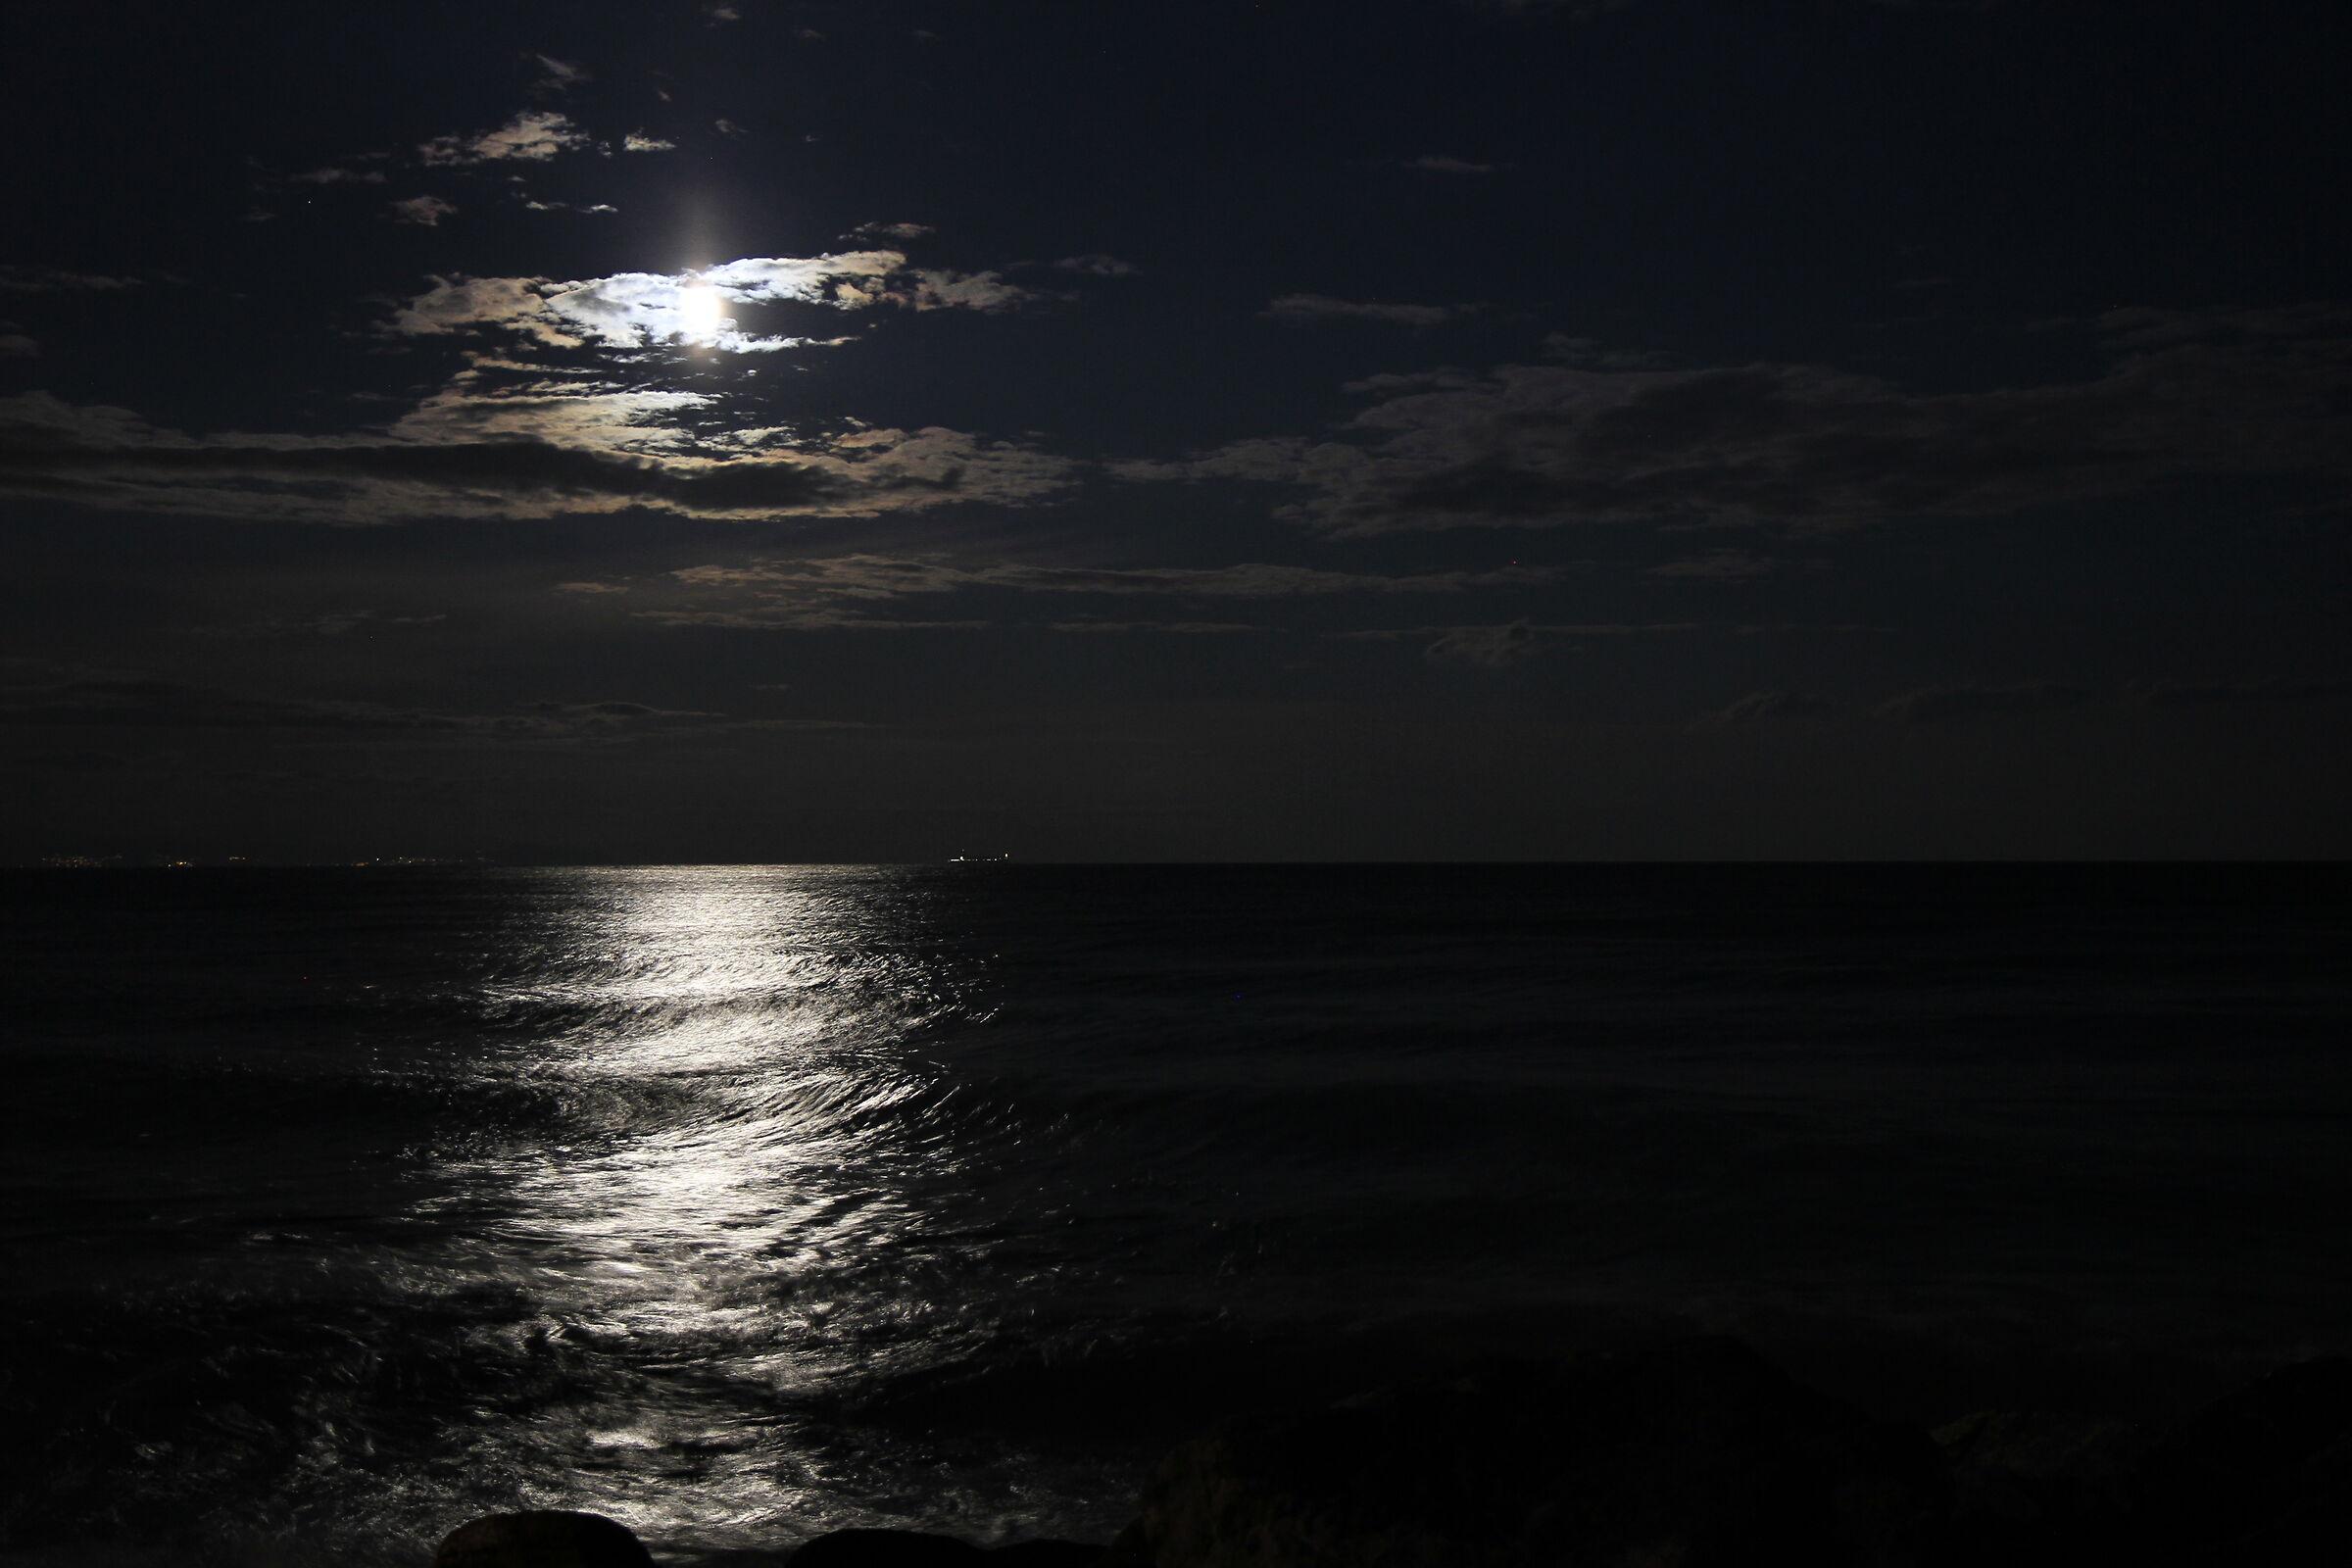 The moon plays hide-and-seek...